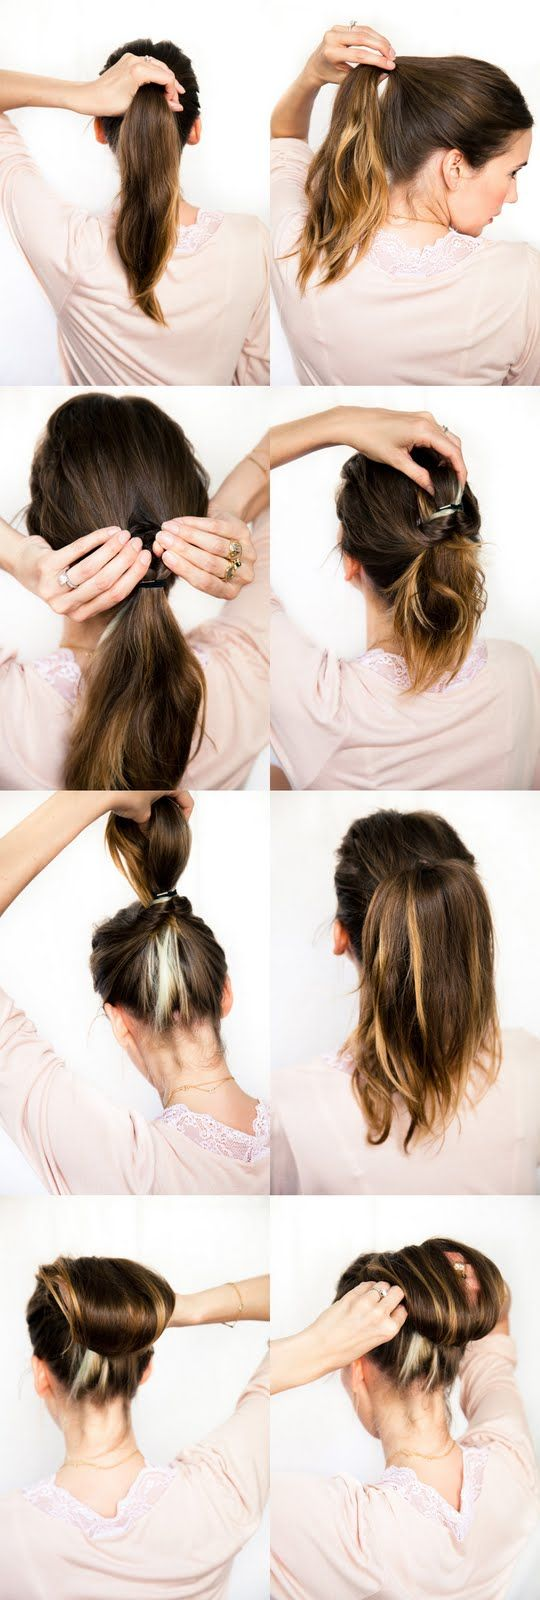 Chestnut bun. Hairstyle